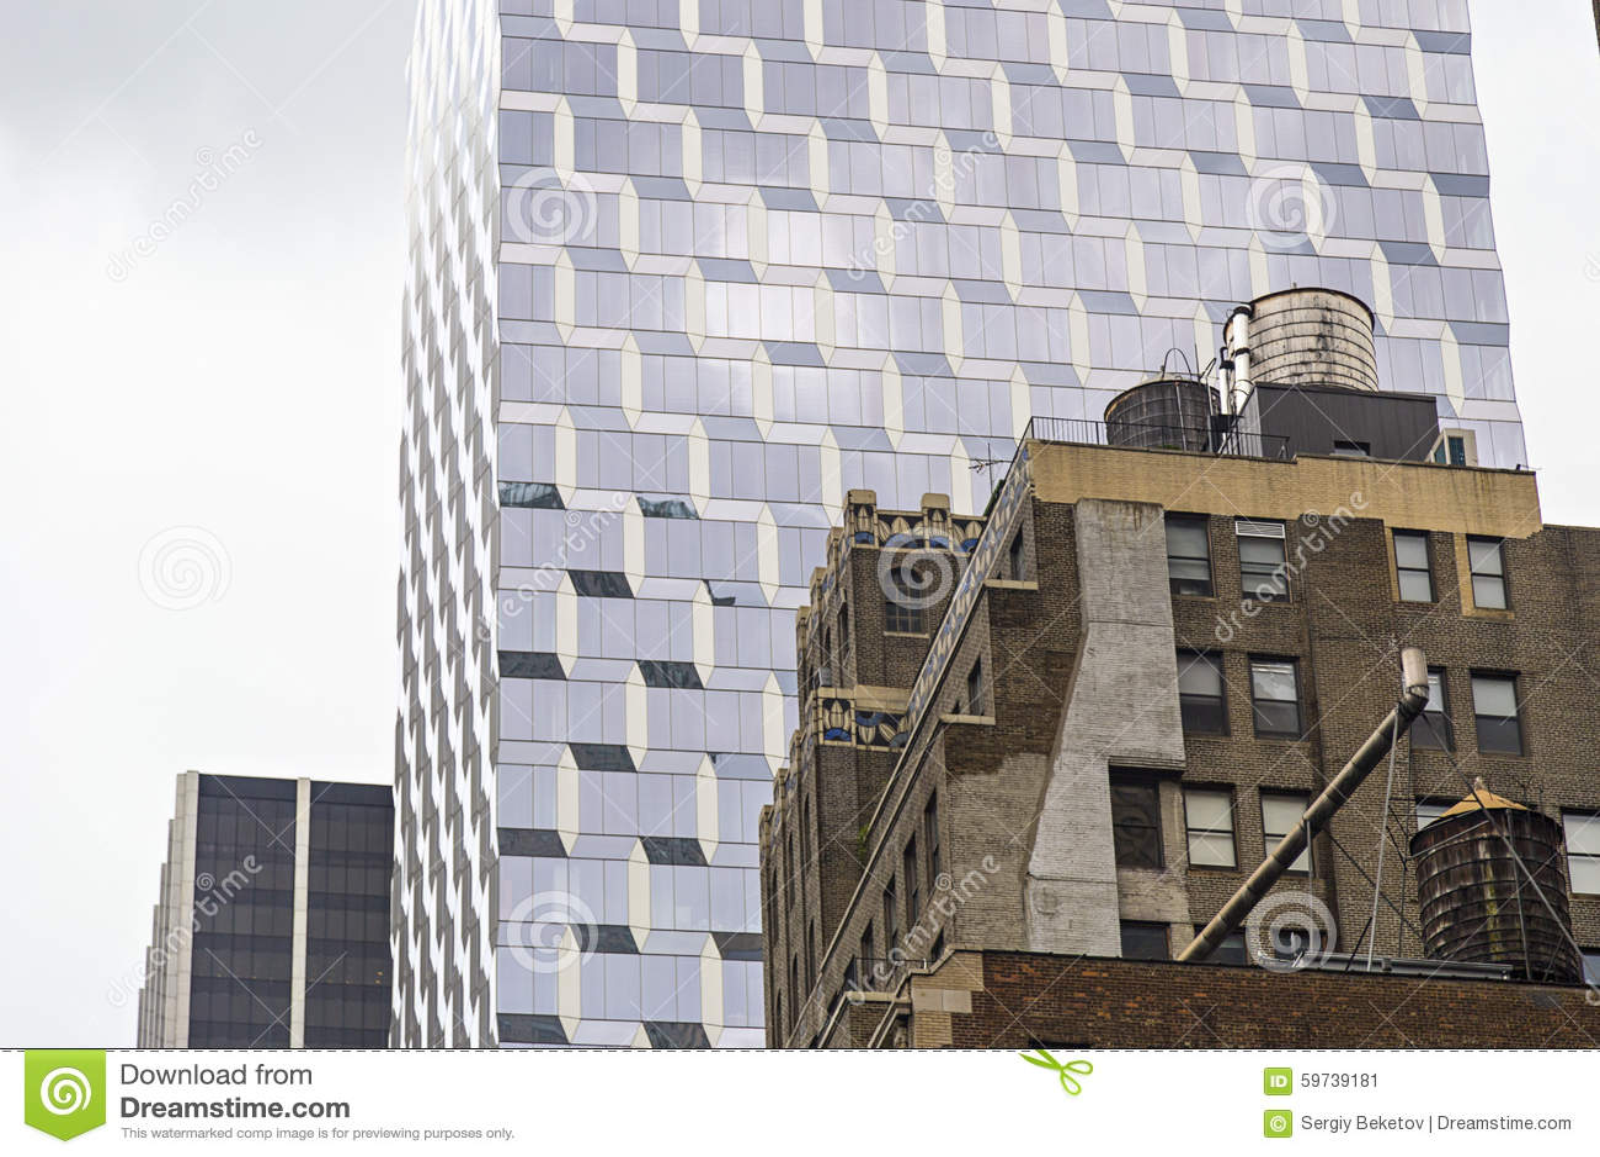 ponga en contraste entre los edificios viejos y modernos en new york city los eeuu